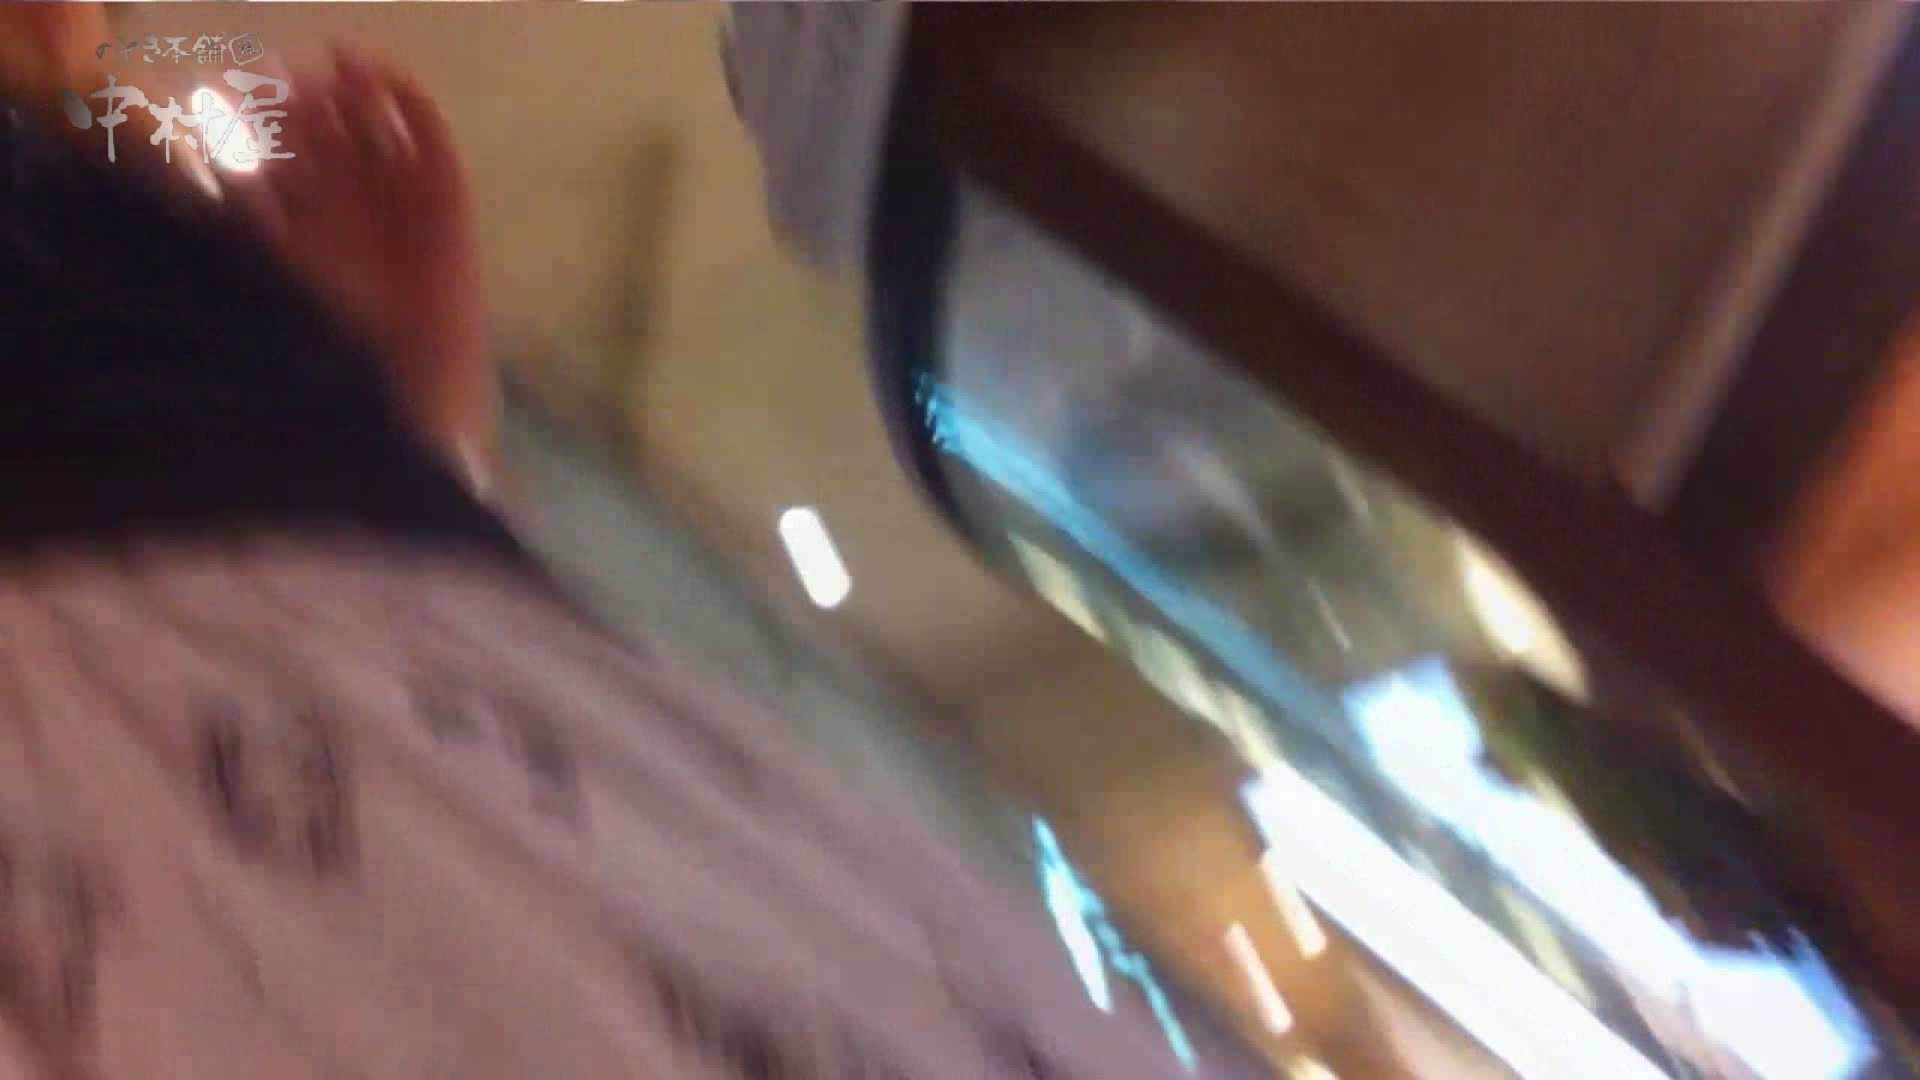 vol.77 美人アパレル胸チラ&パンチラ 緑のワンピにせまってみたw チラ 盗撮エロ画像 104画像 53